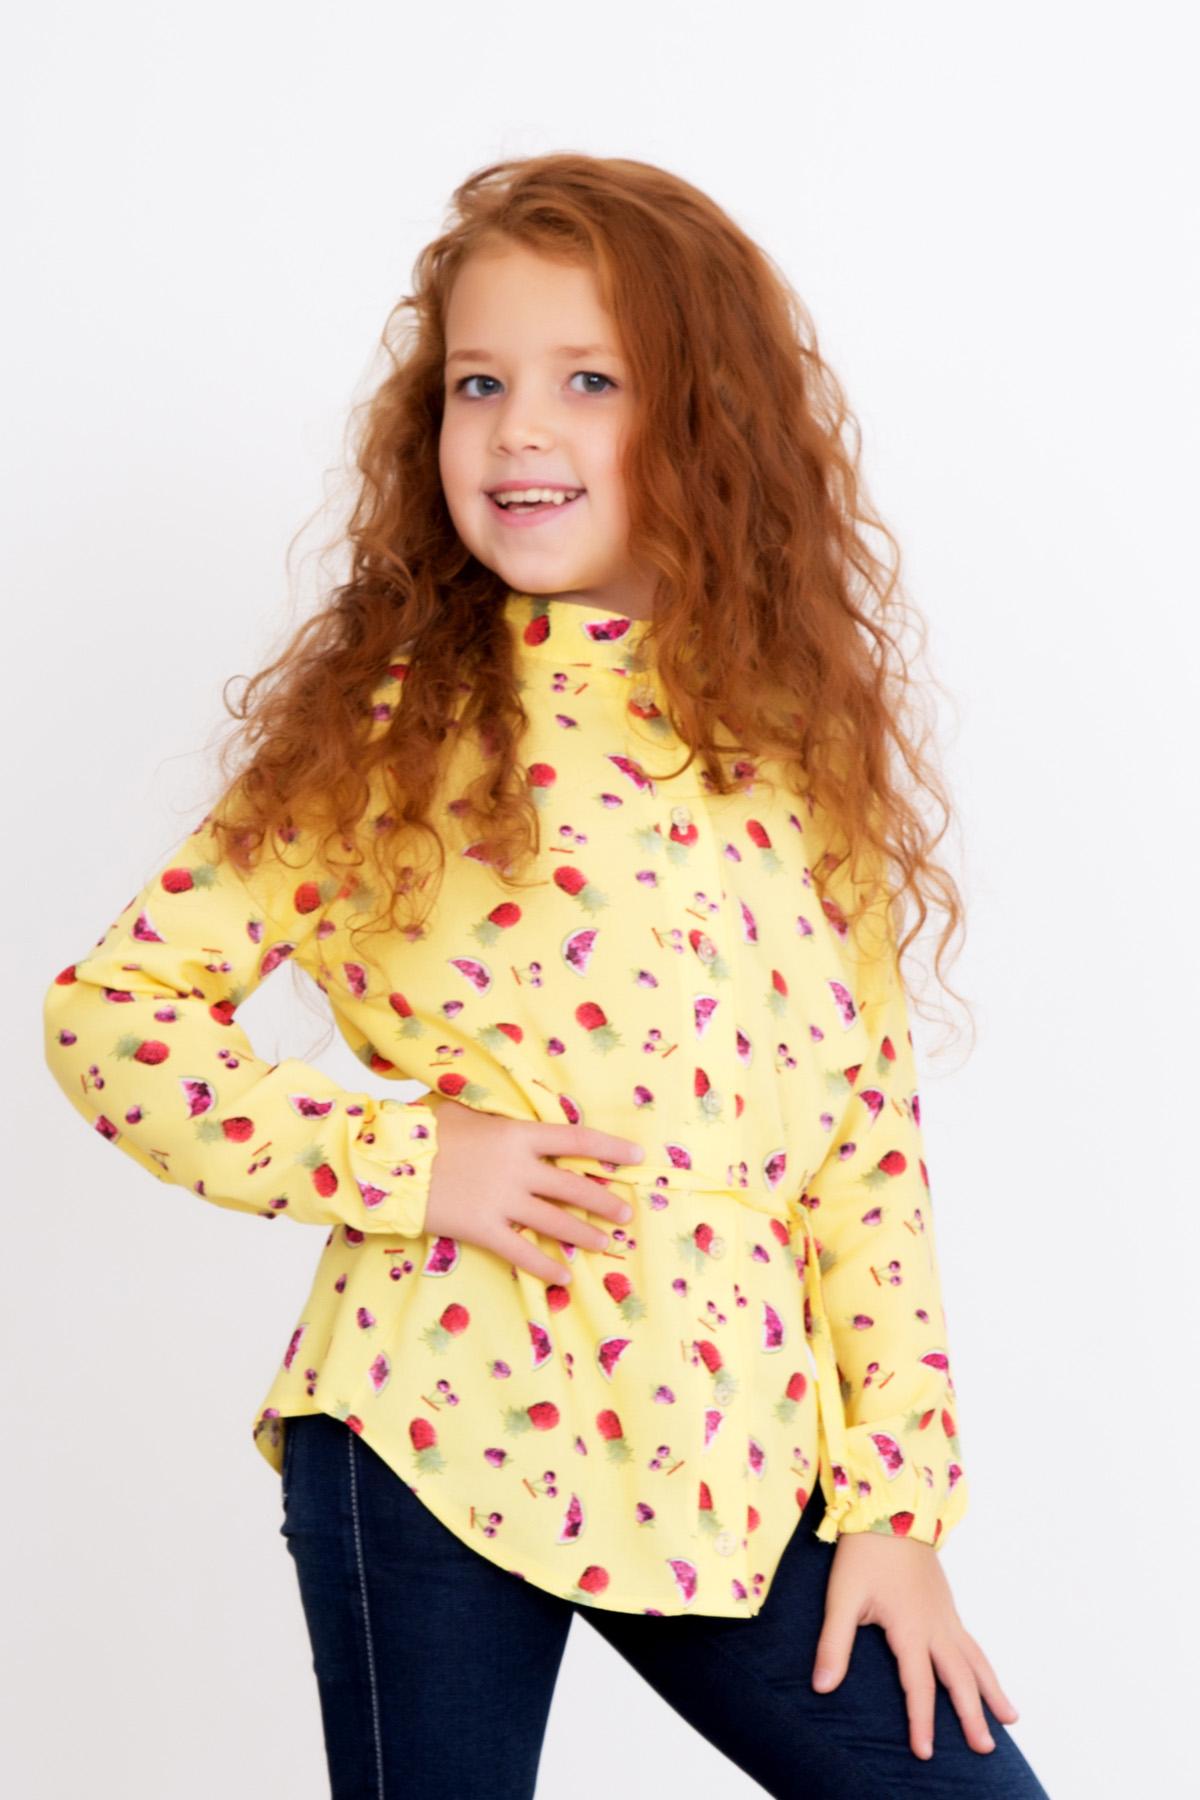 Дет. рубашка Леся р. 30Распродажа<br><br><br>Тип: Дет. рубашка<br>Размер: 30<br>Материал: Штапель